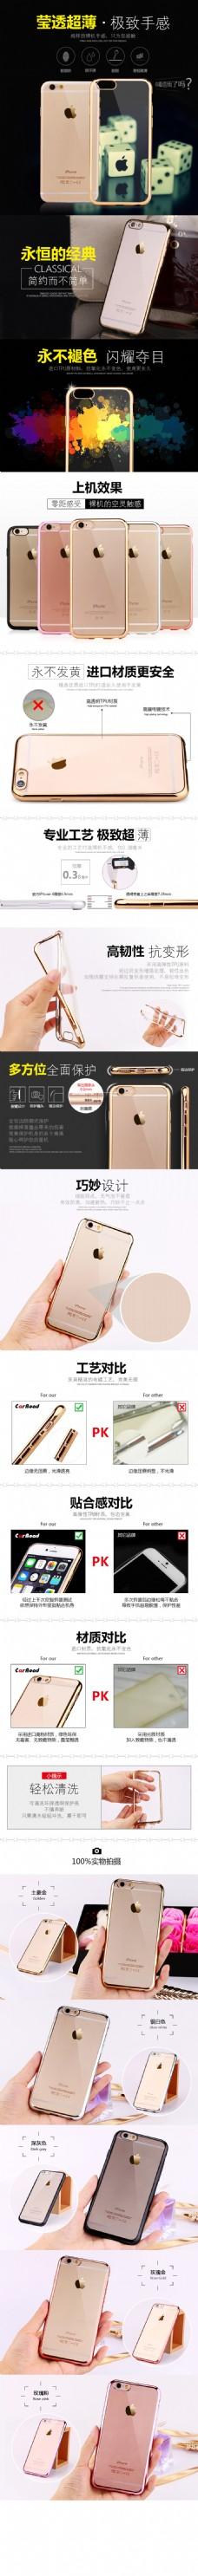 苹果透明手机壳